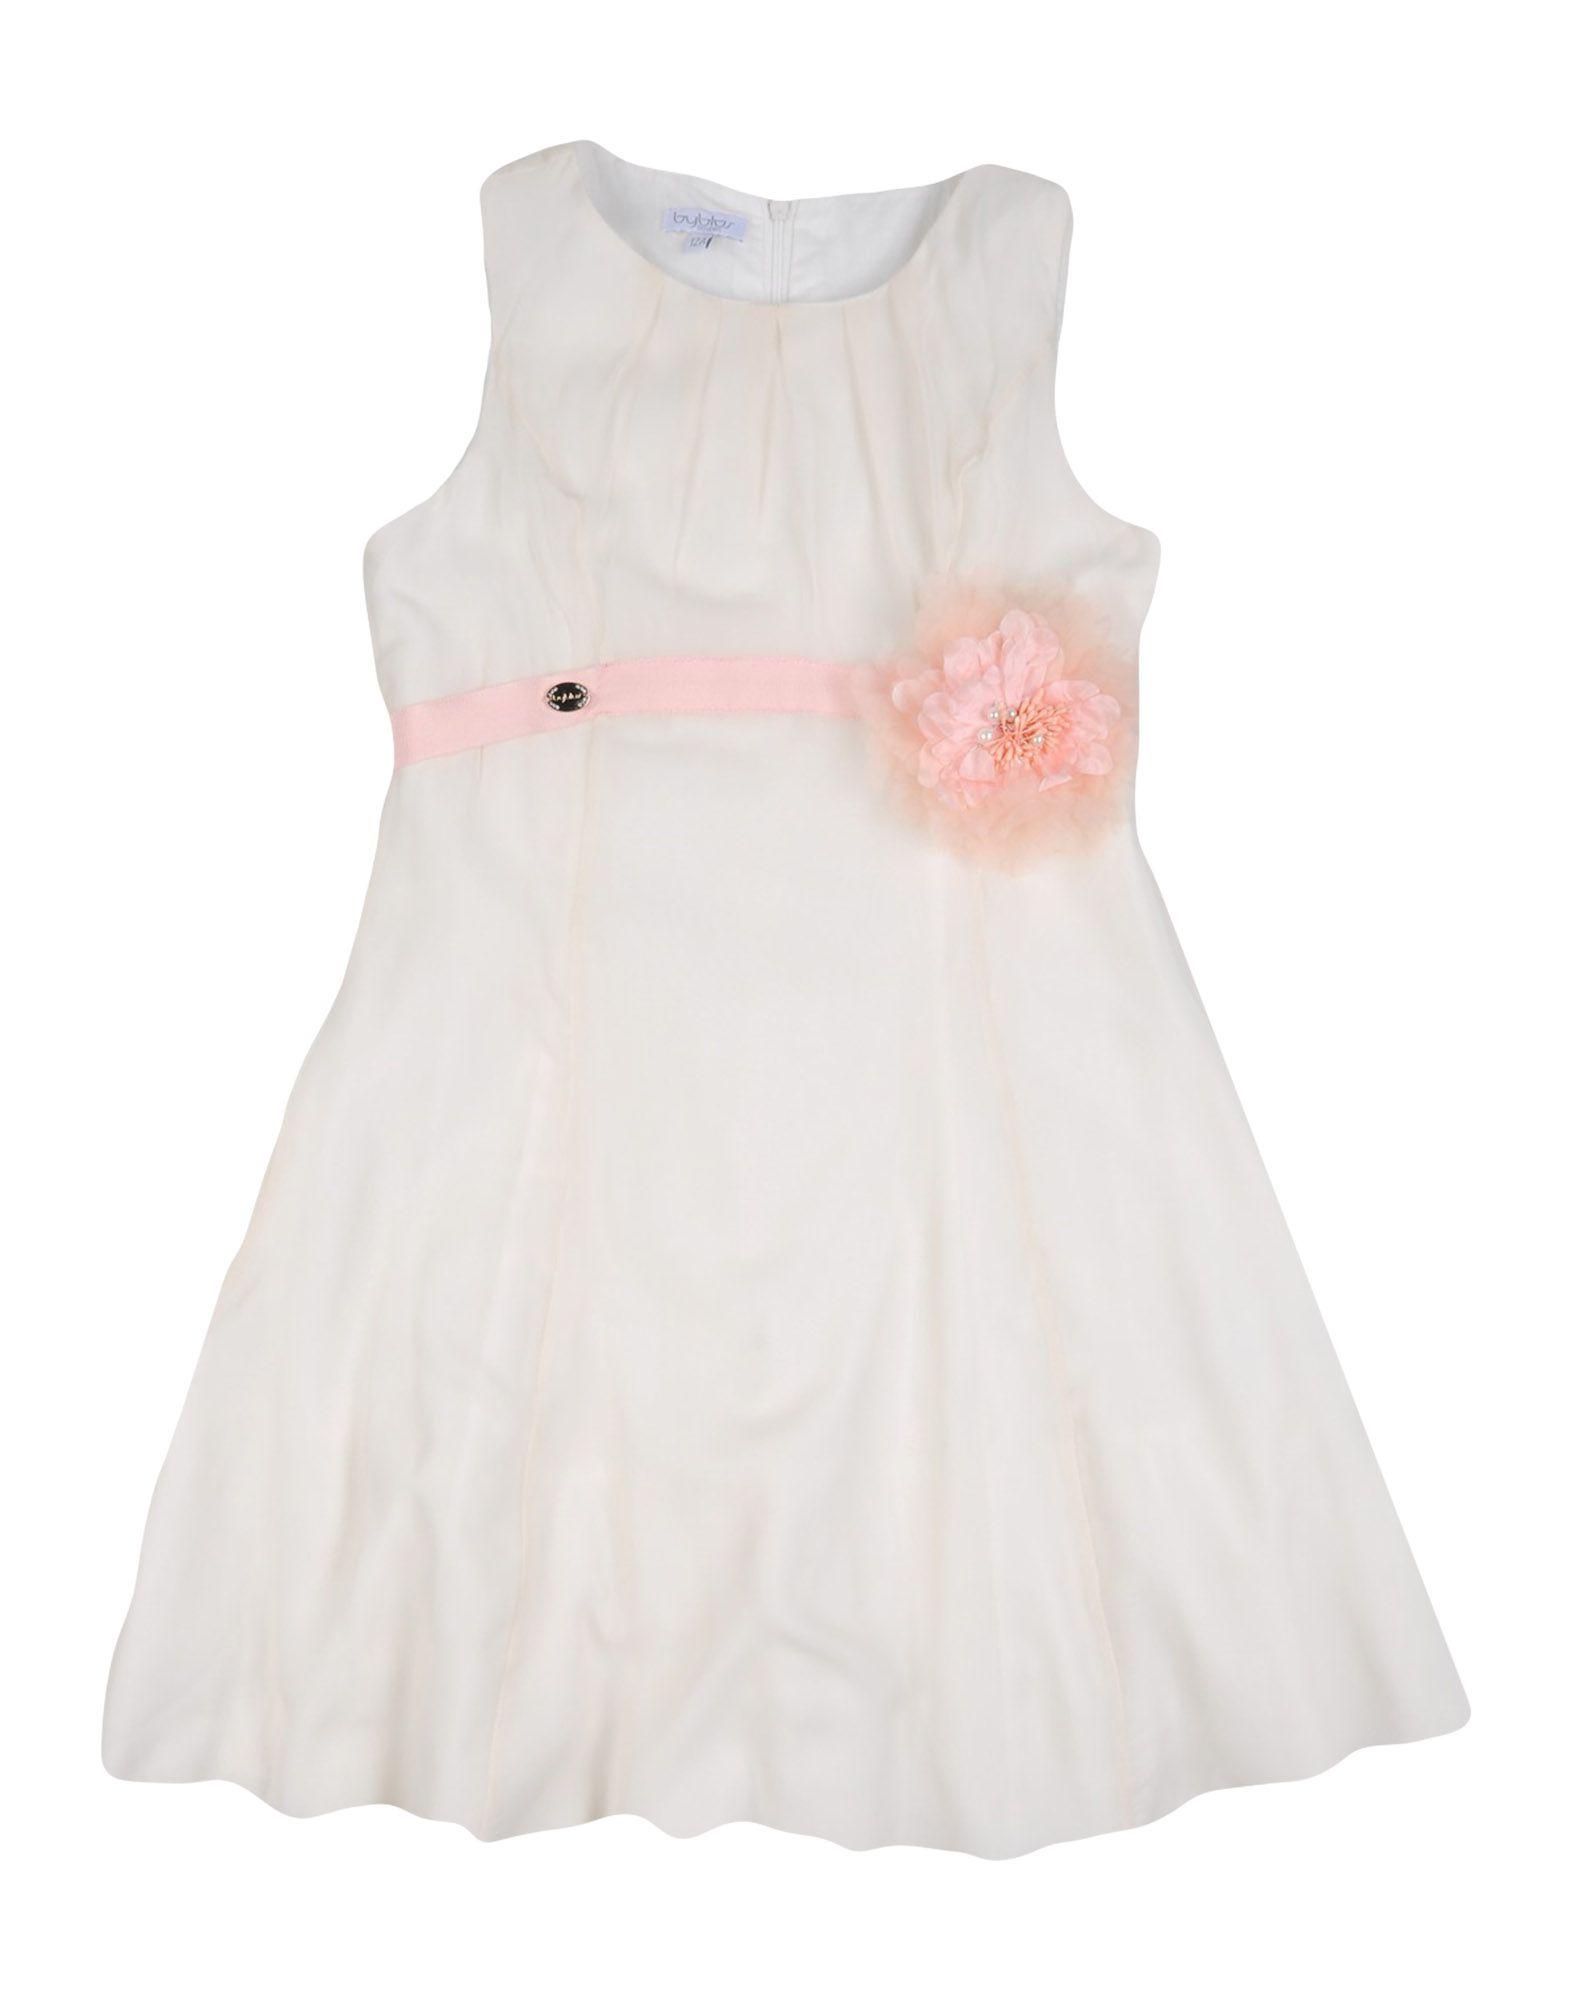 new product 47fc3 f7b78 BYBLOS Dress - Dresses | YOOX.COM